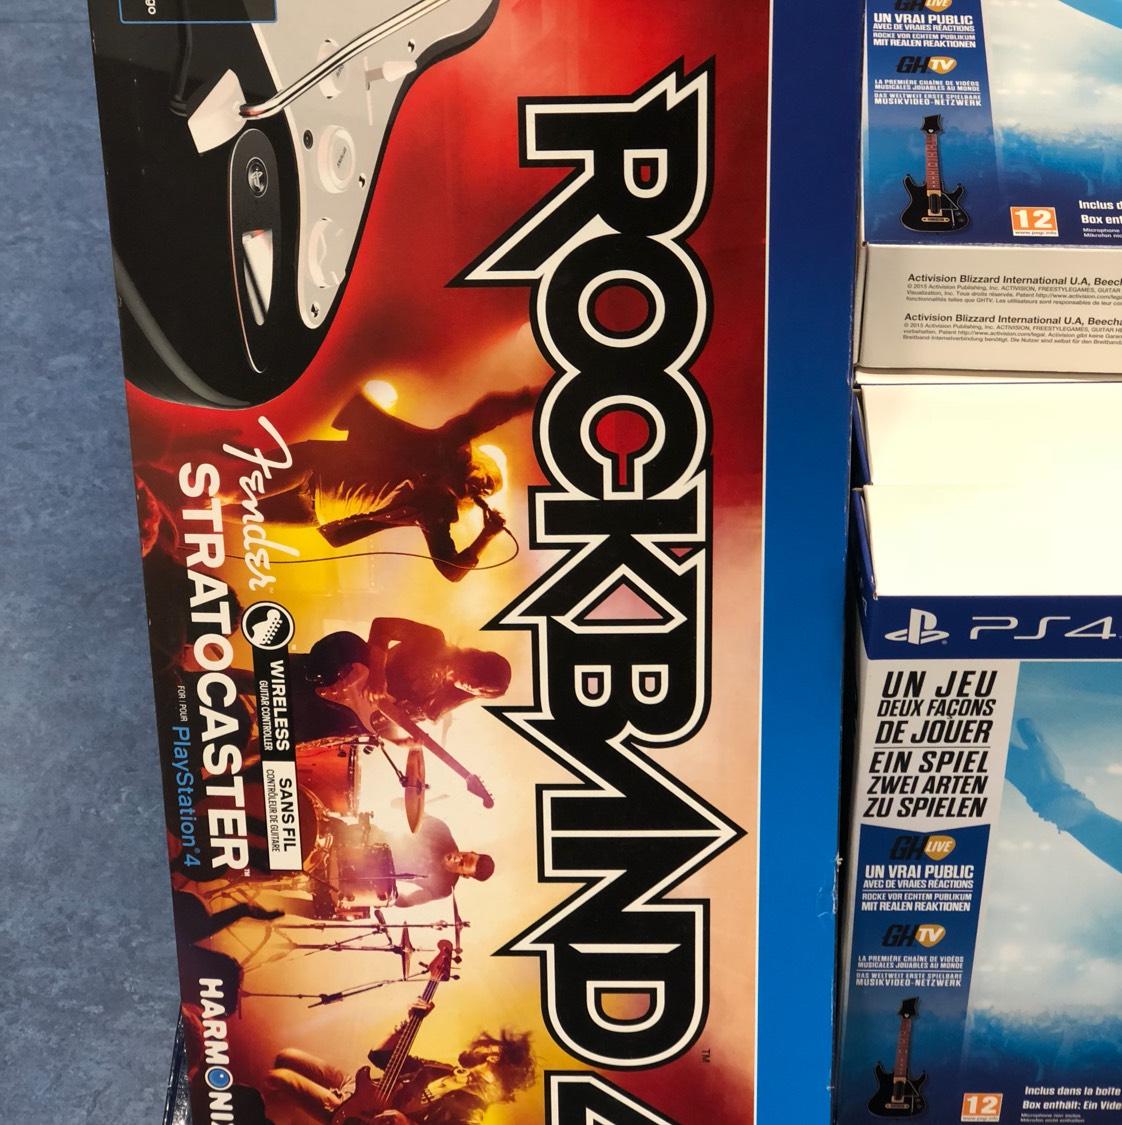 Rock band 4 pour PlayStation 4 -  Bègles (33)